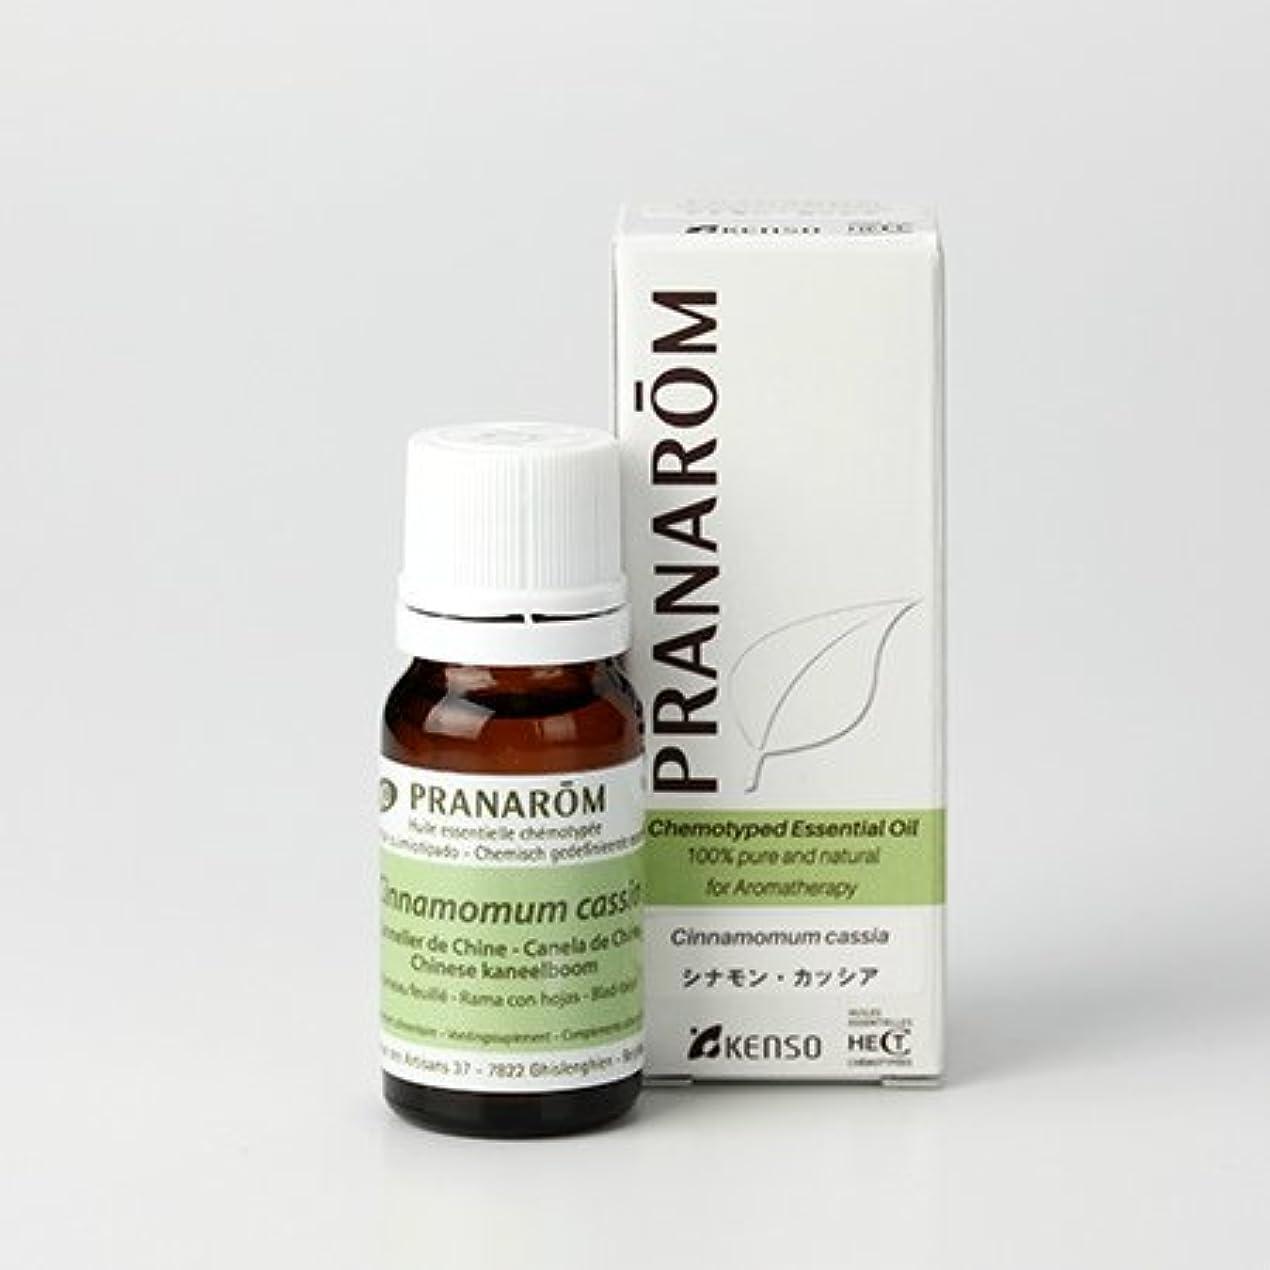 アンプ主観的甲虫プラナロム シナモンカッシア 10ml (PRANAROM ケモタイプ精油)